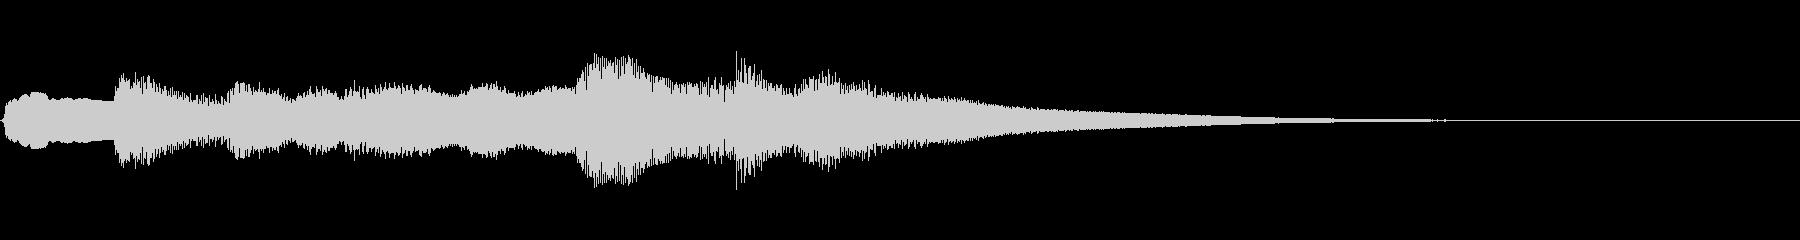 【ジングル】ミステリー/ファンタジーの未再生の波形